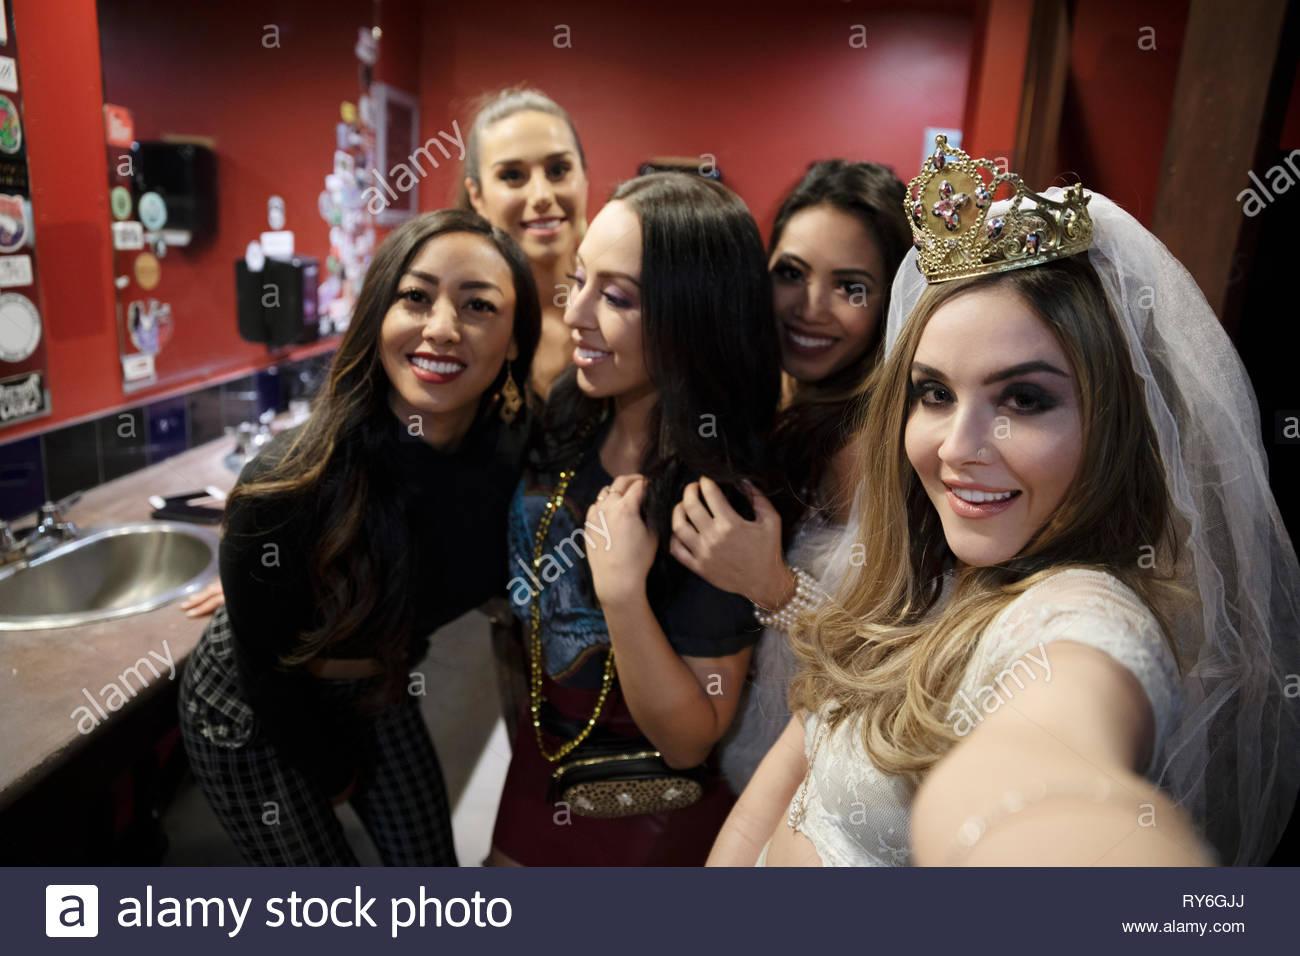 Selfie punto di vista addio al nubilato e amici in discoteca bagno Immagini Stock